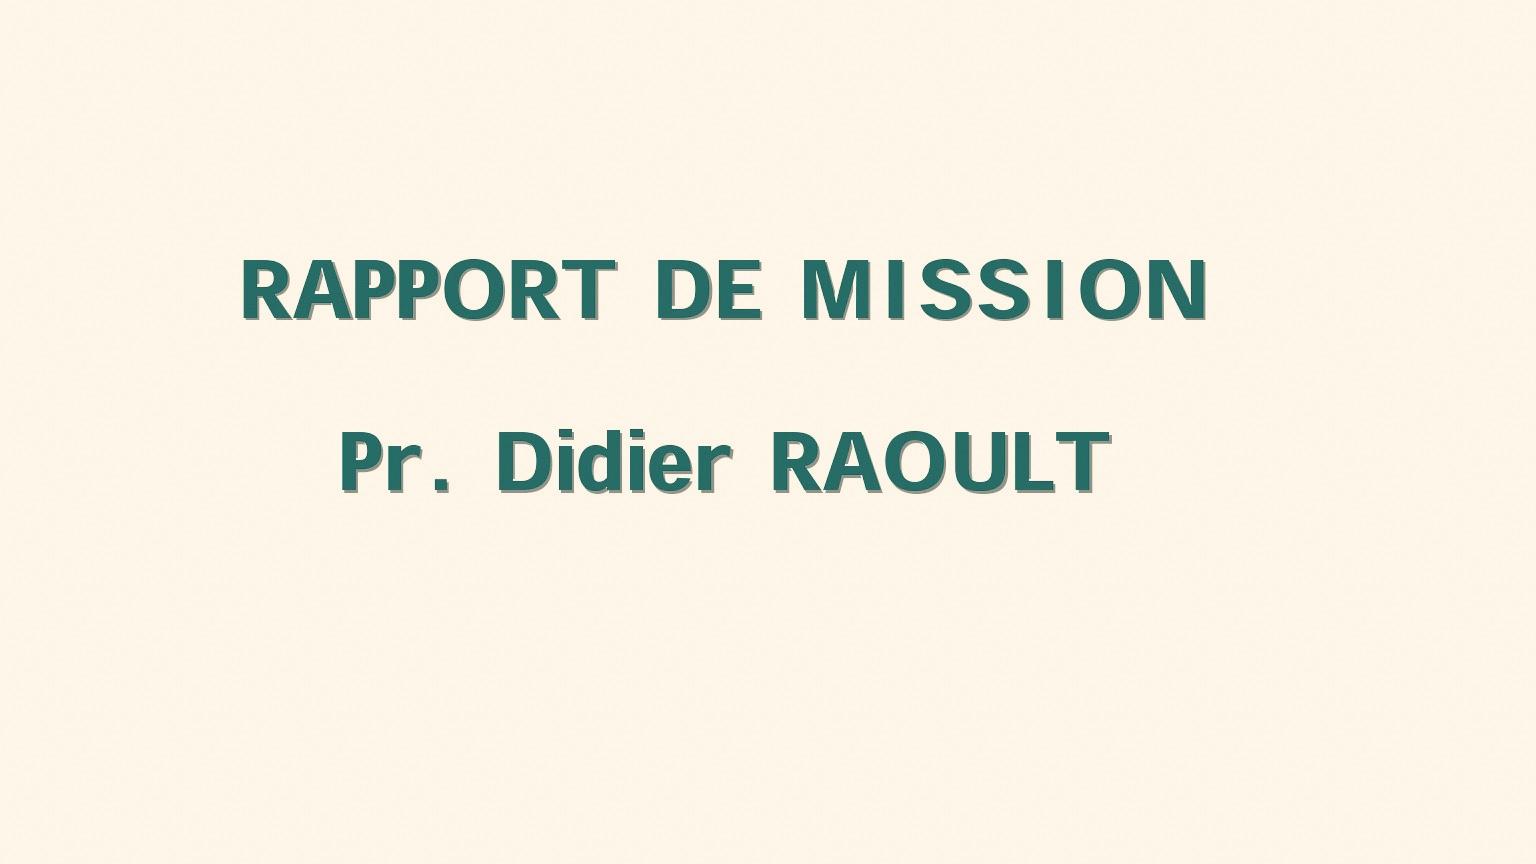 Maladies contagieuses émergentes: Lire le document original du Professeur Didier Raoult